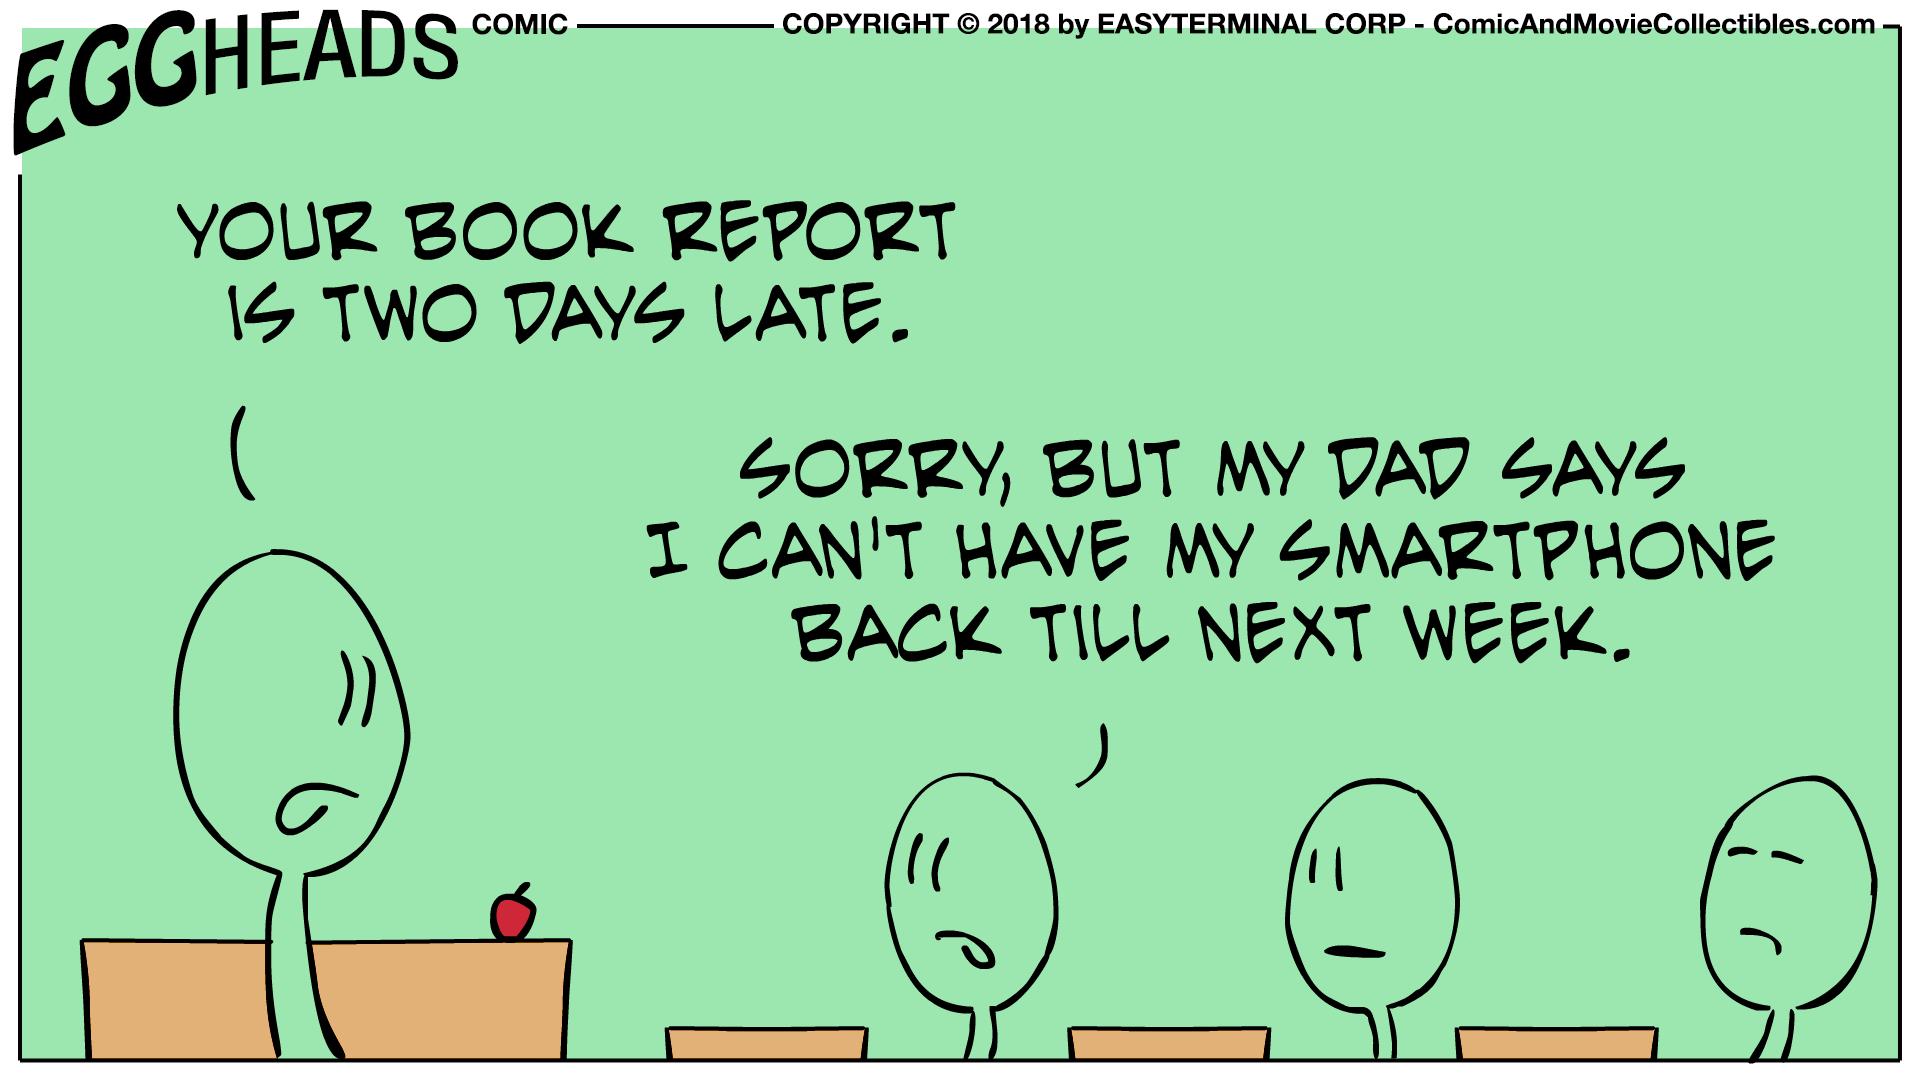 Webcomic Eggheads Comic Strip 014 Book Report